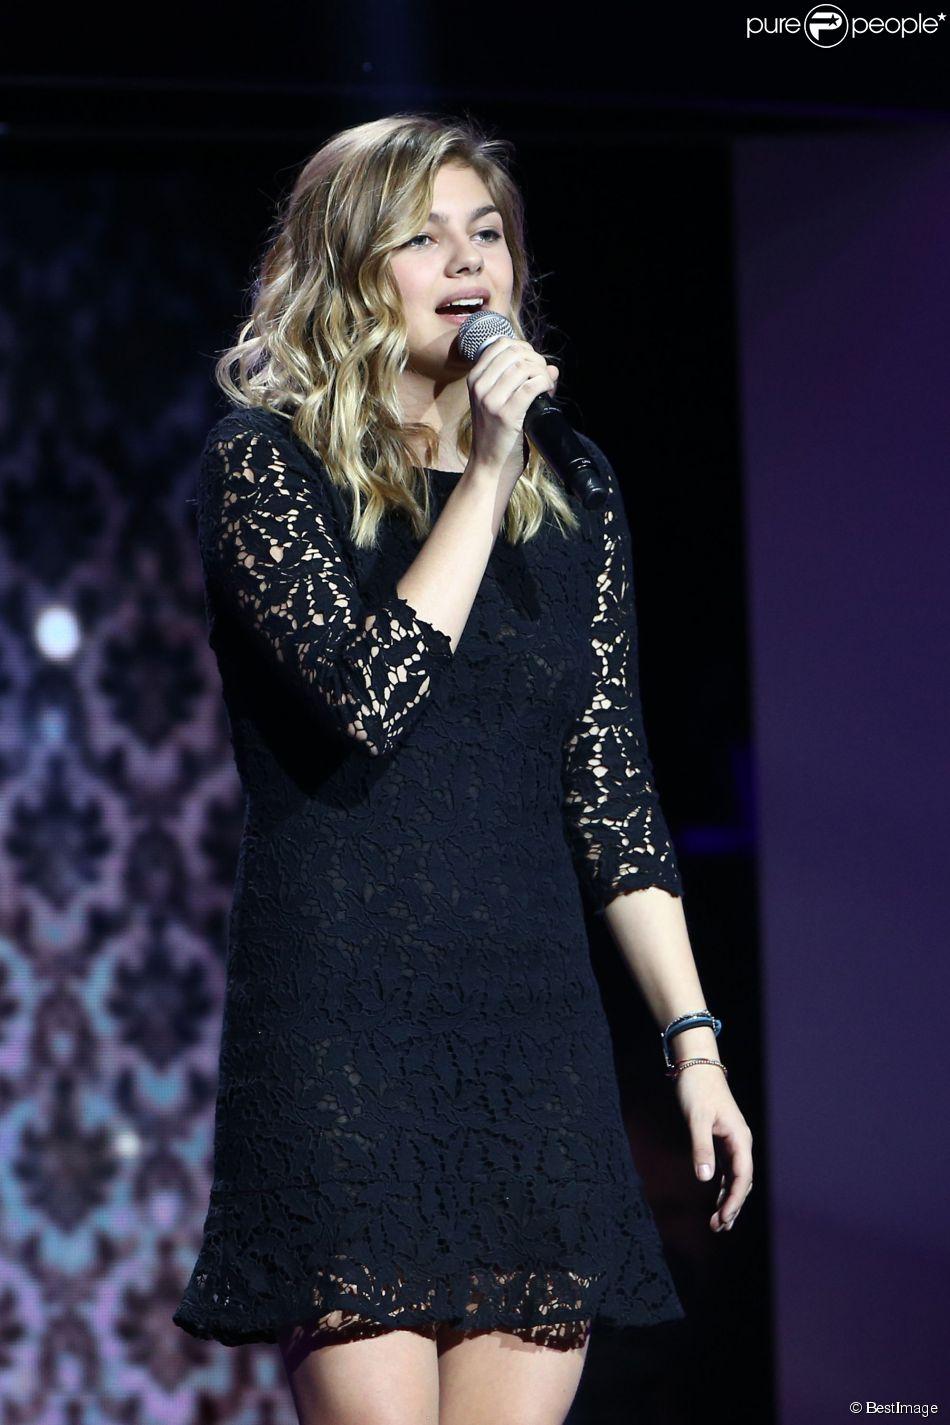 Exclusif - Louane - Enregistrement de l'émission  Hier Encore  à l'Olympia, le 7 janvier 2015.